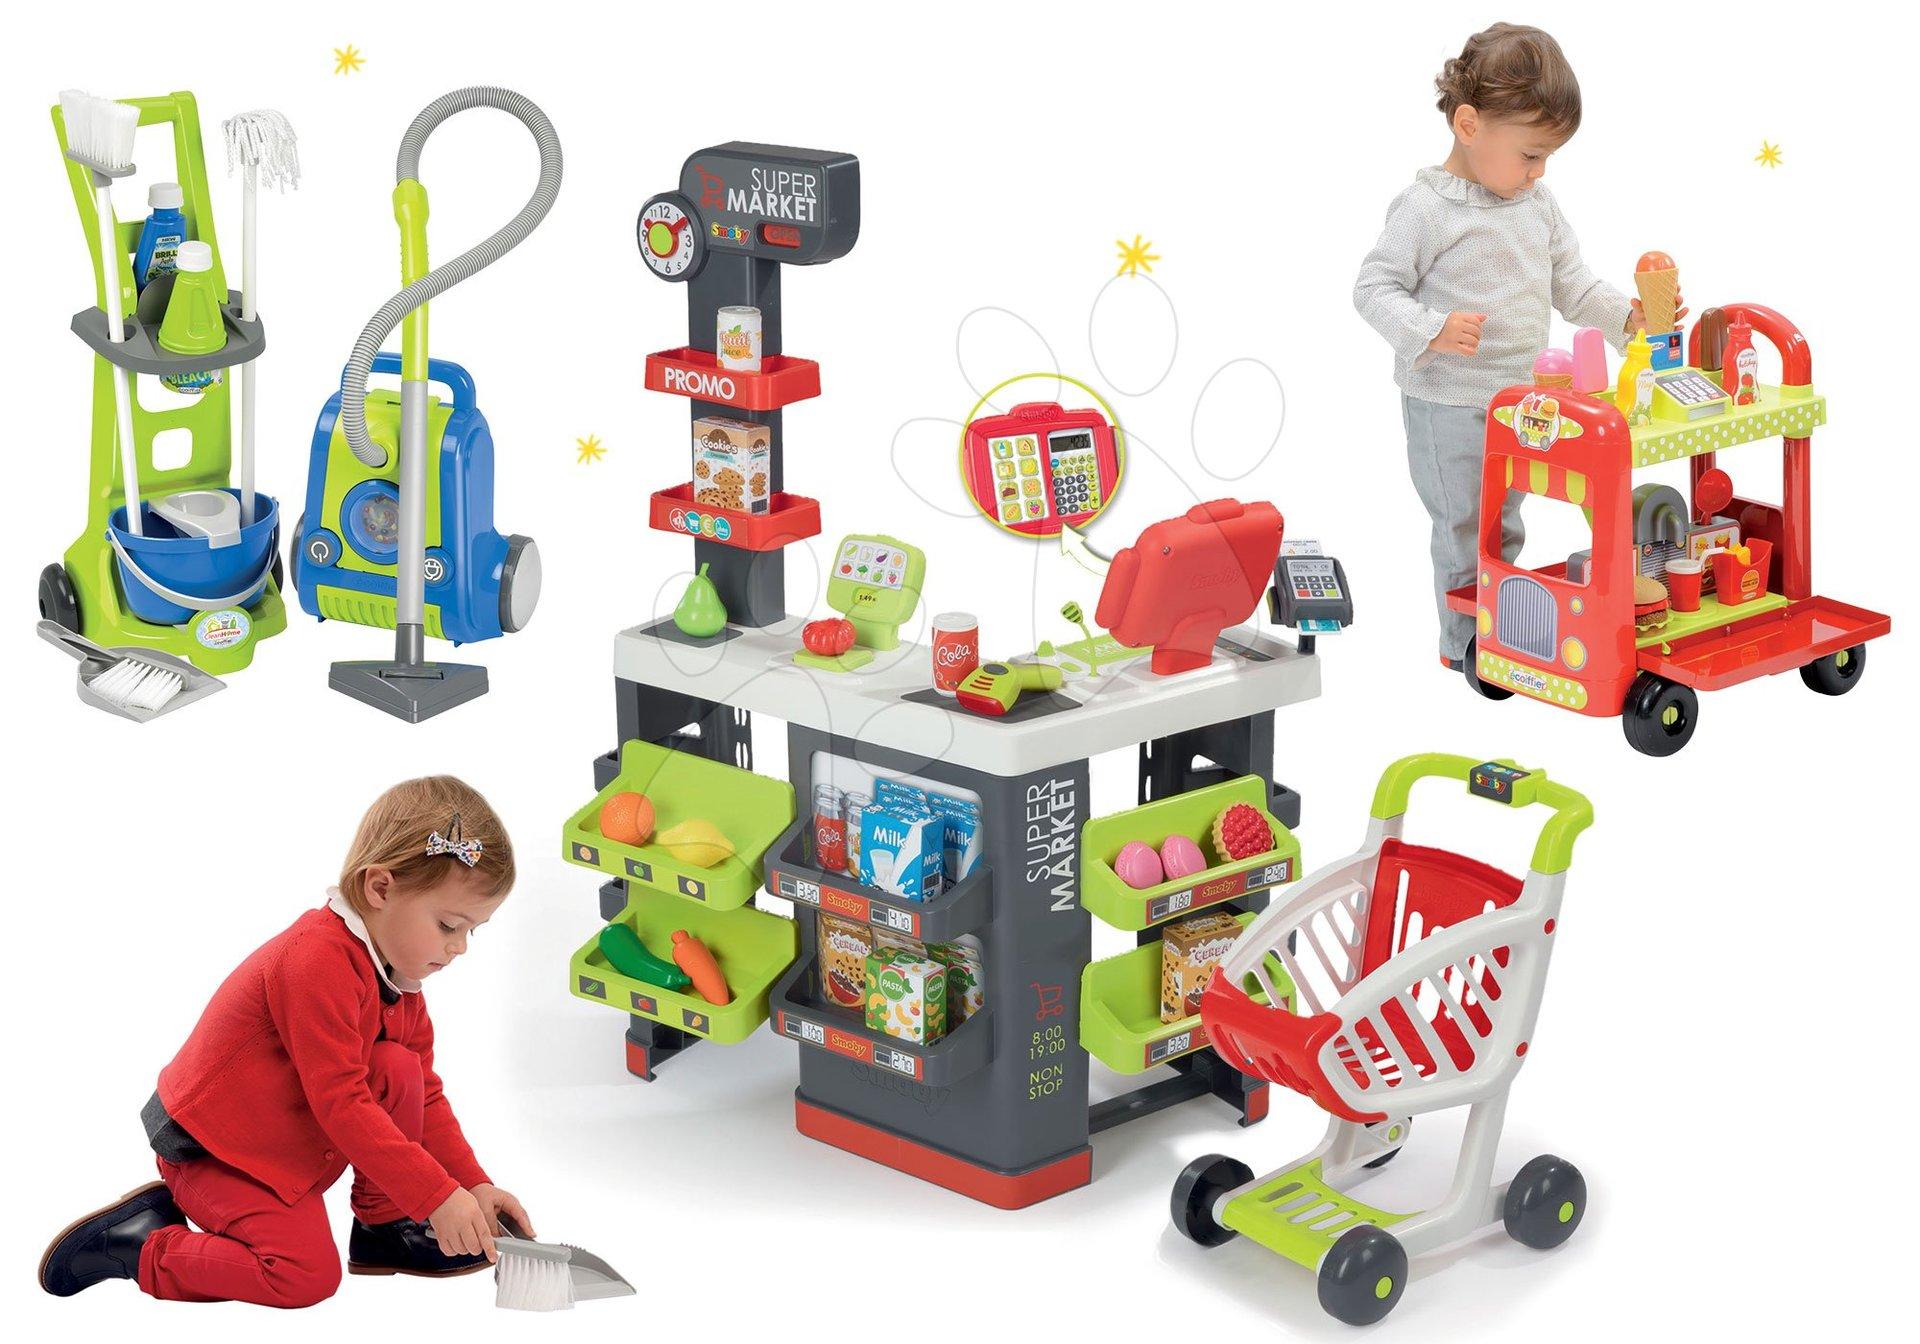 Smoby obchod Supermarket s pokladnou a Écoiffier zmrzlinářský vozík 350213-31